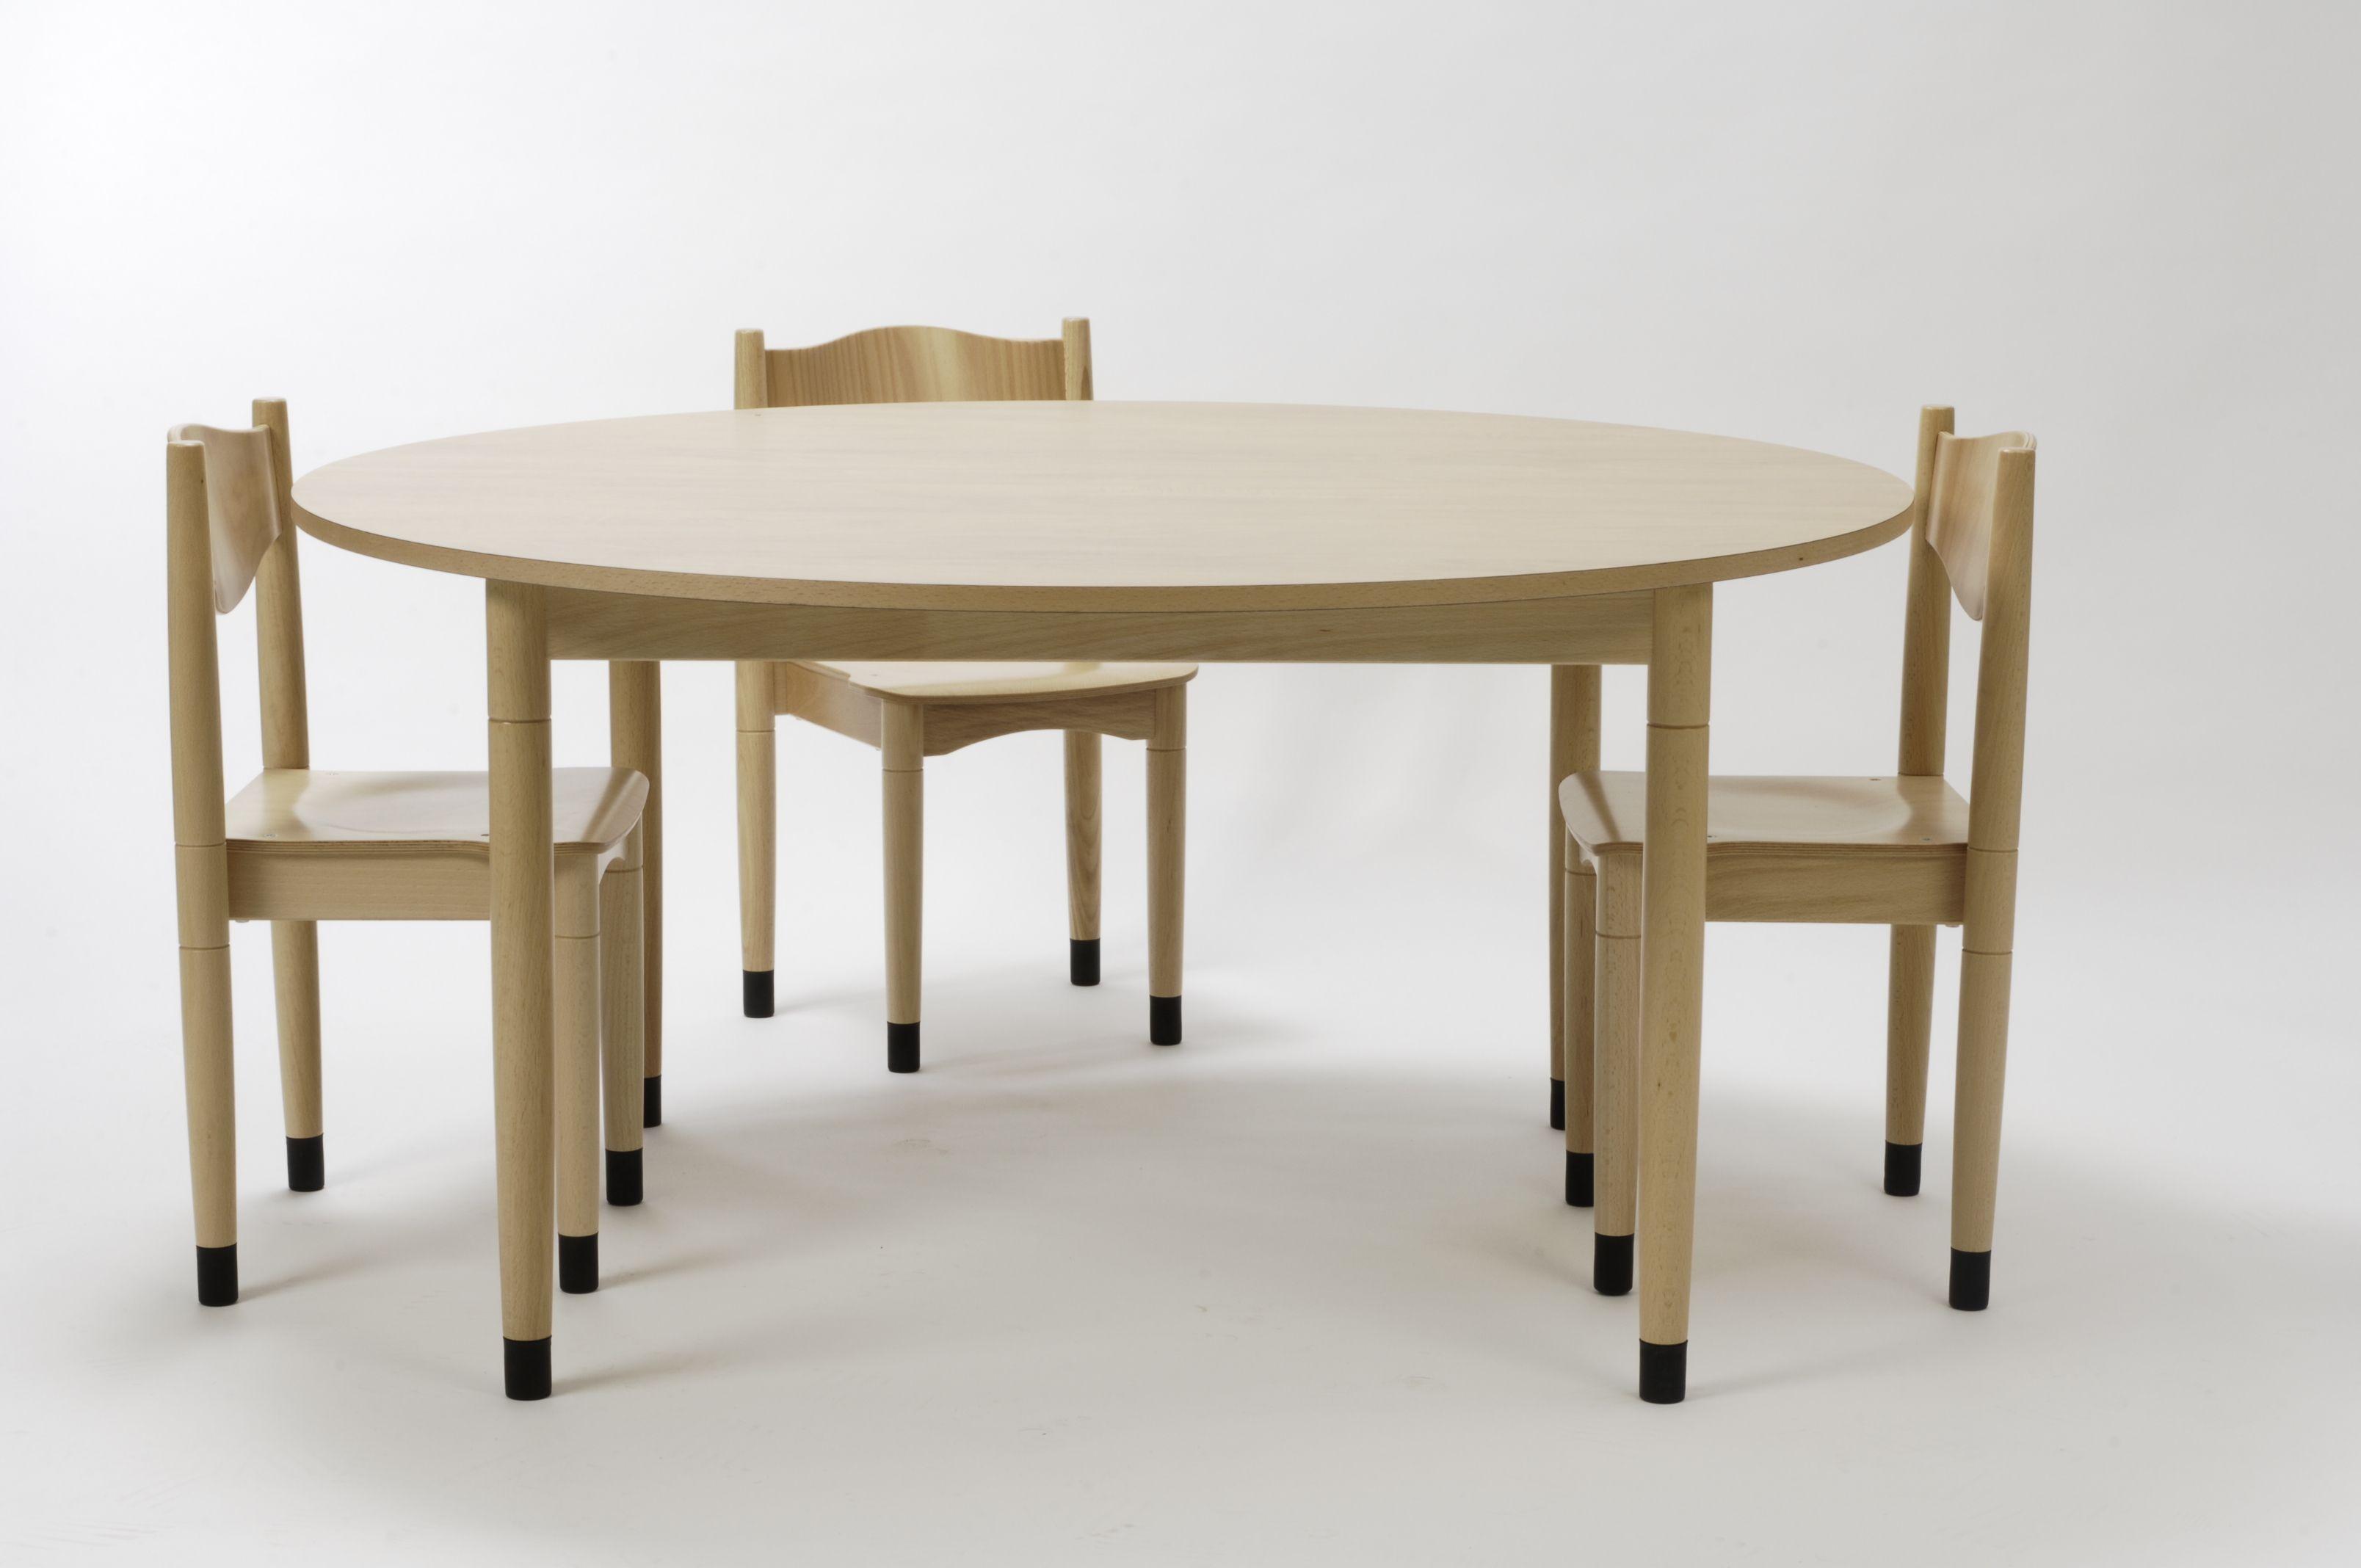 school tables inspiration Schilte Houten meubilair